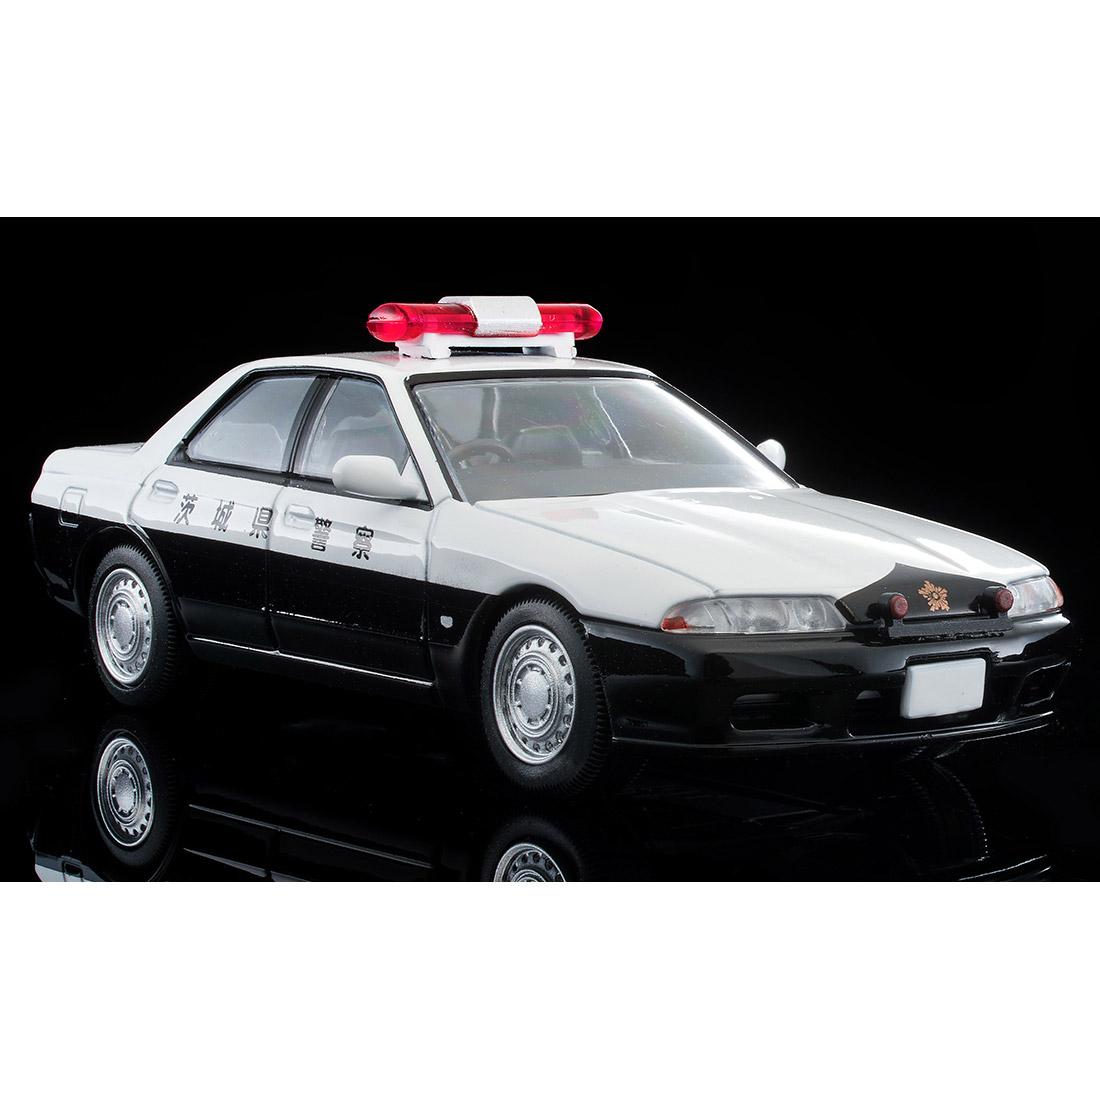 トミカリミテッド ヴィンテージ ネオ TLV-NEO『LV-N212a スカイラインパトロールカー』ミニカー-008